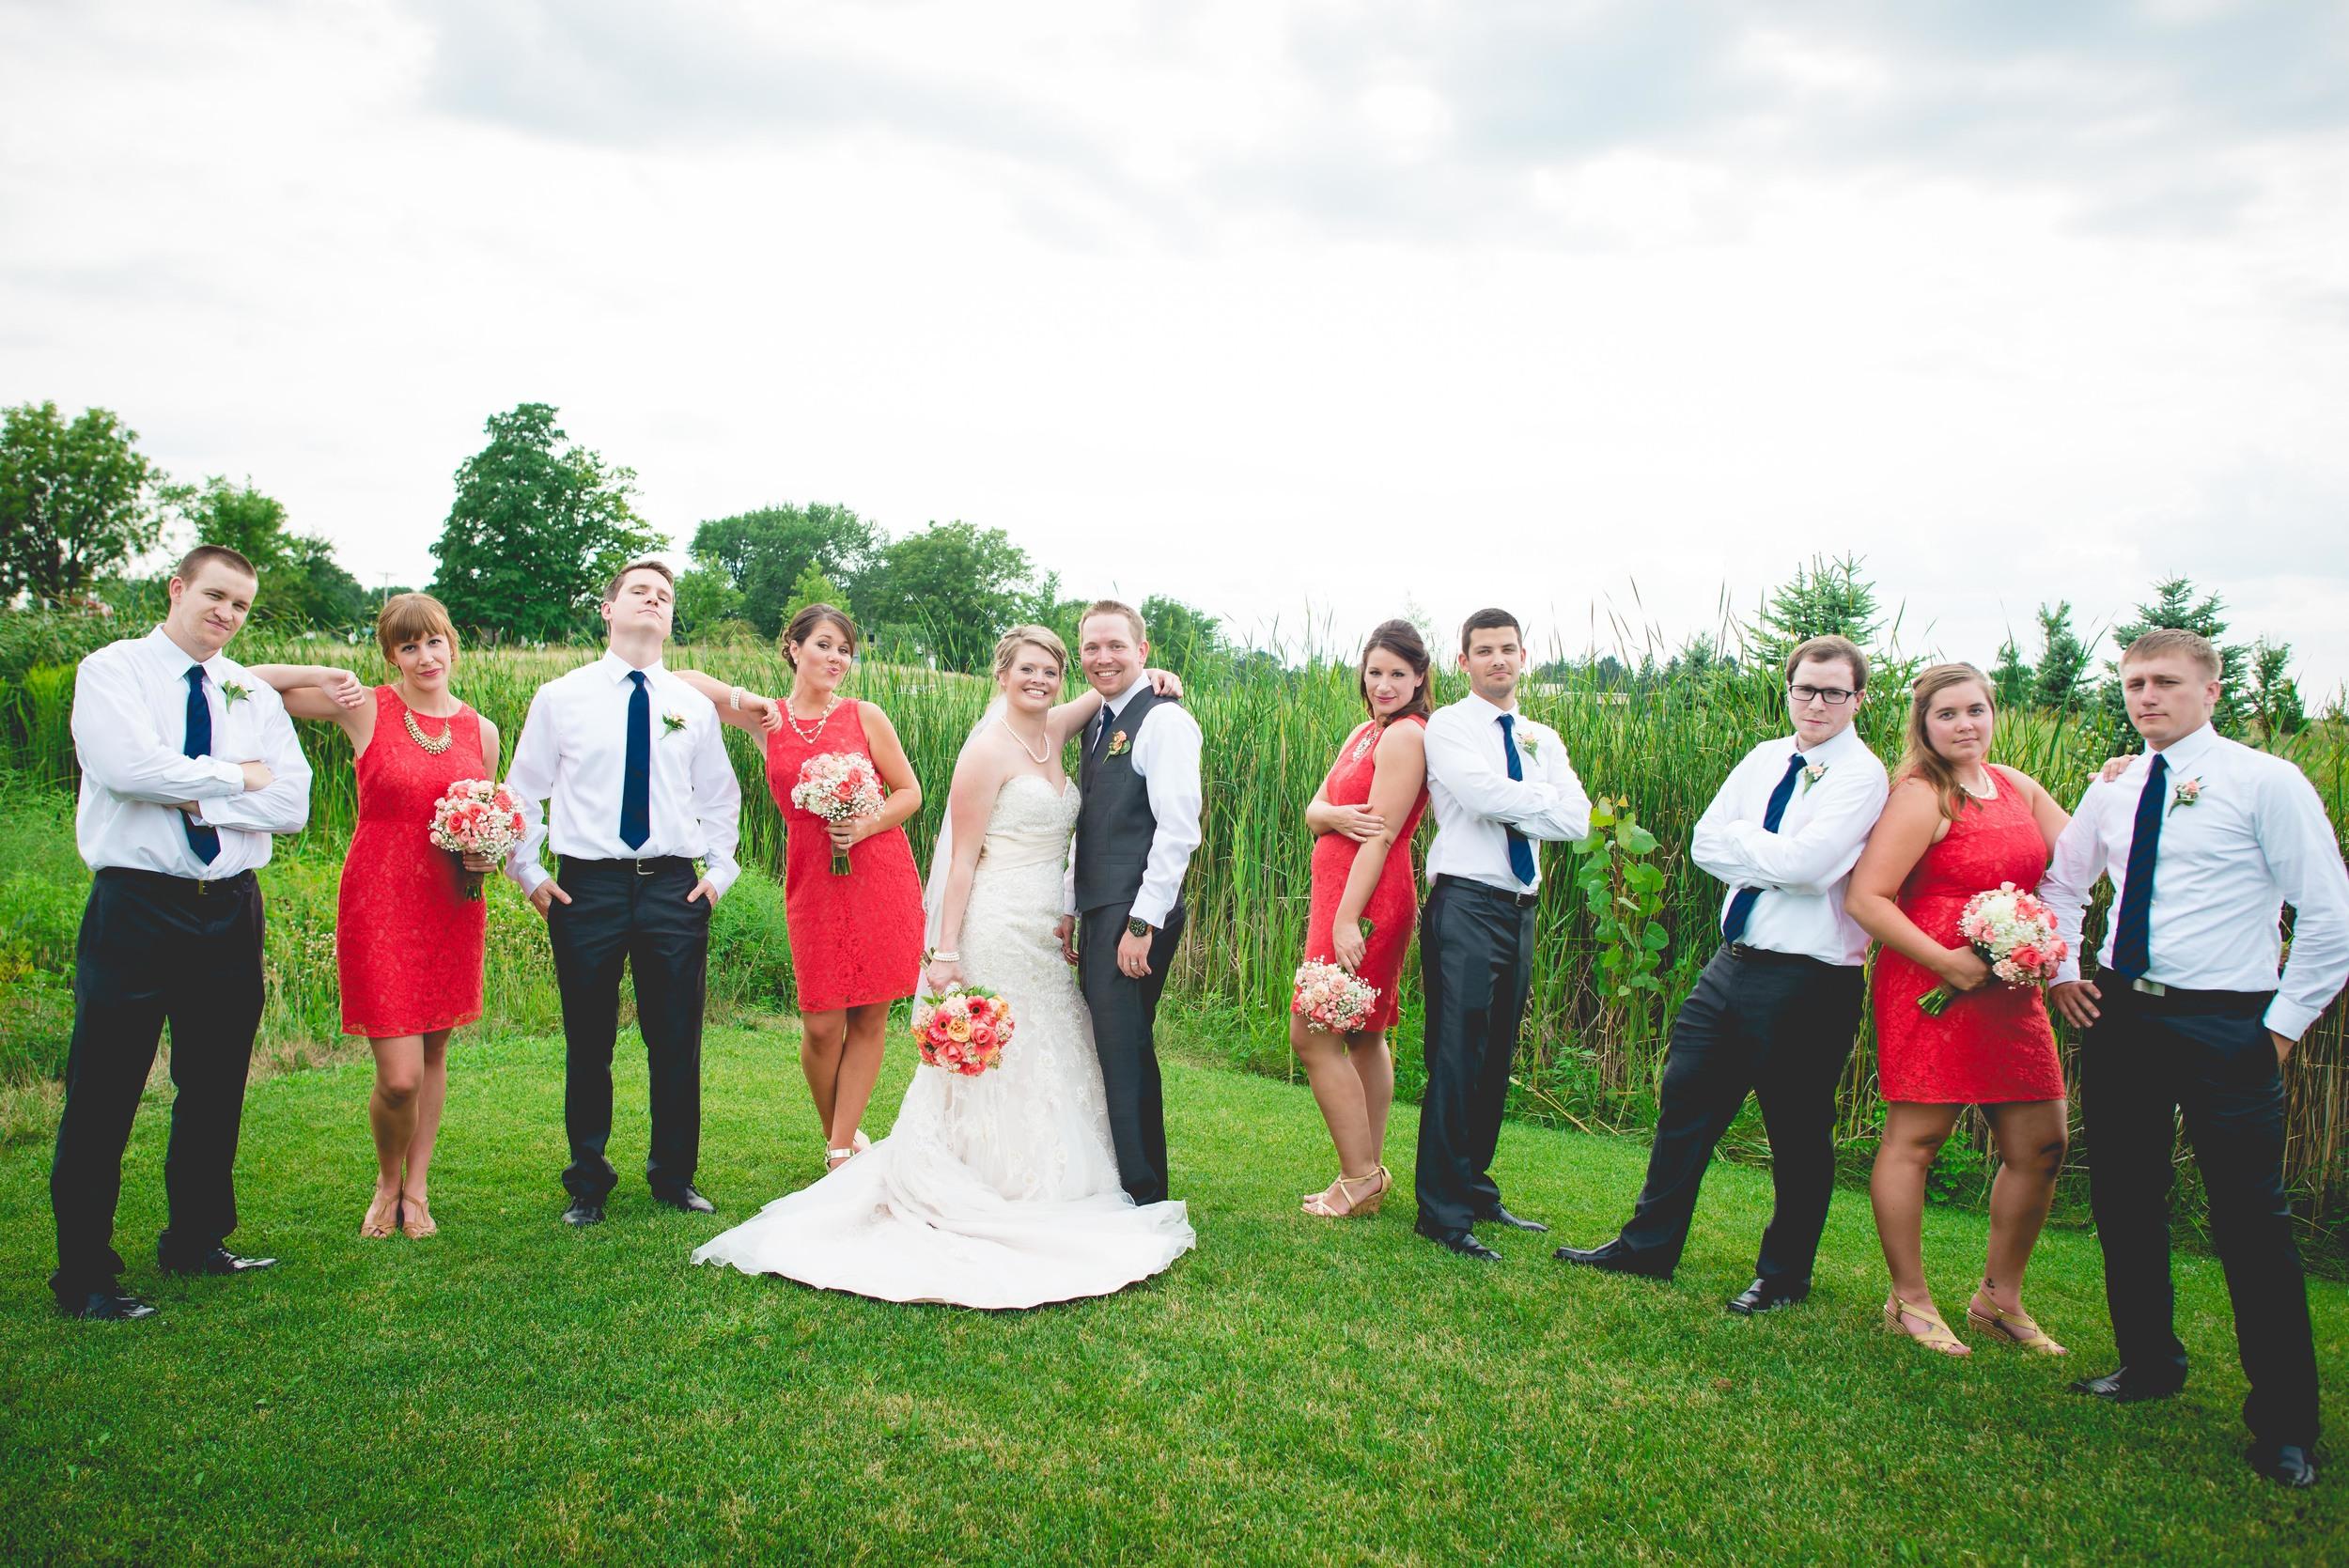 sarasutterphotography_wedding_drewanderin_2015-1176.jpg